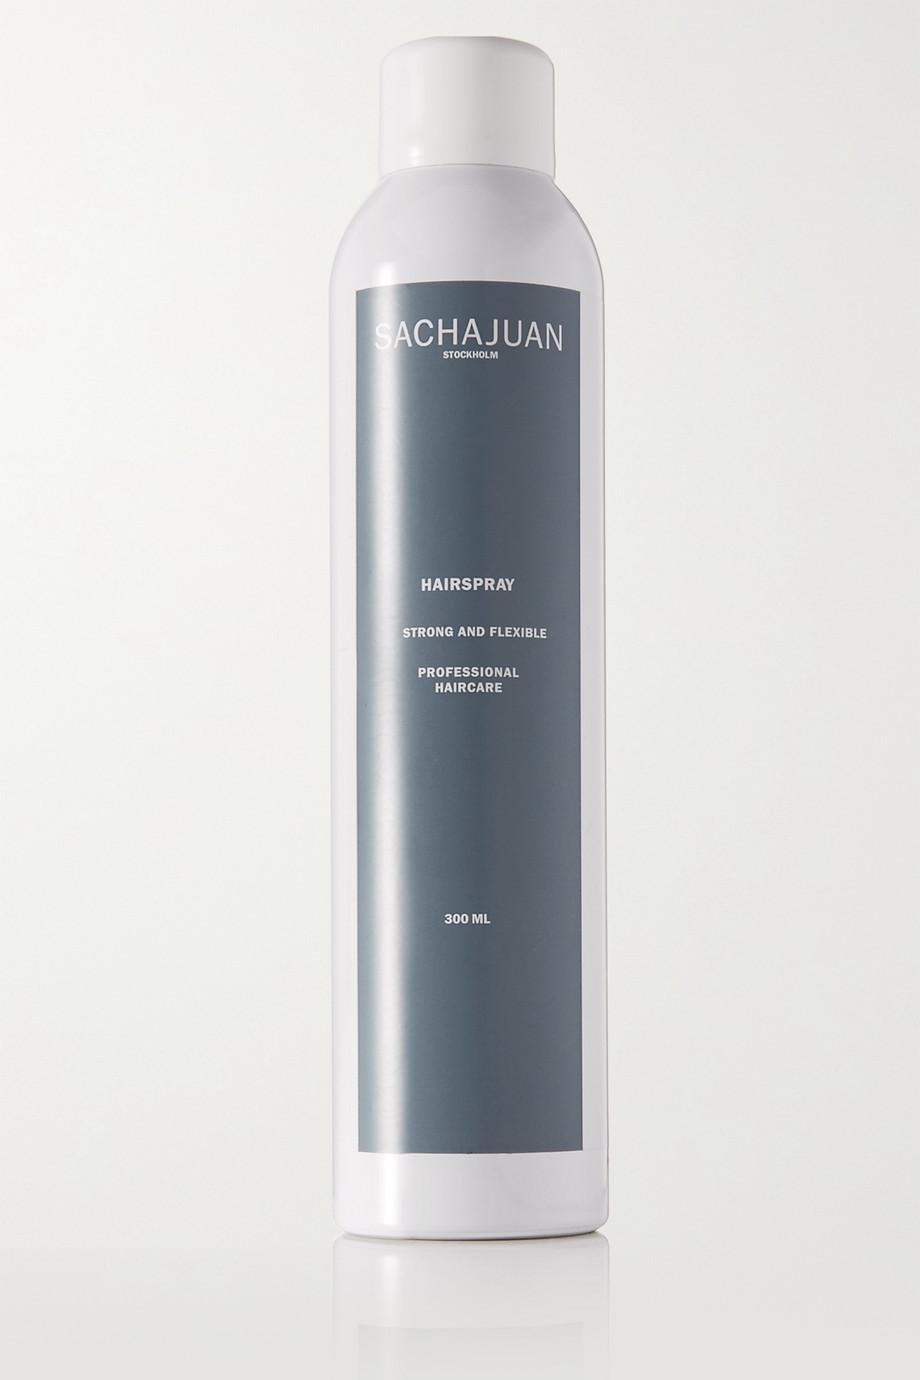 SACHAJUAN Strong & Flexible Hairspray, 300ml